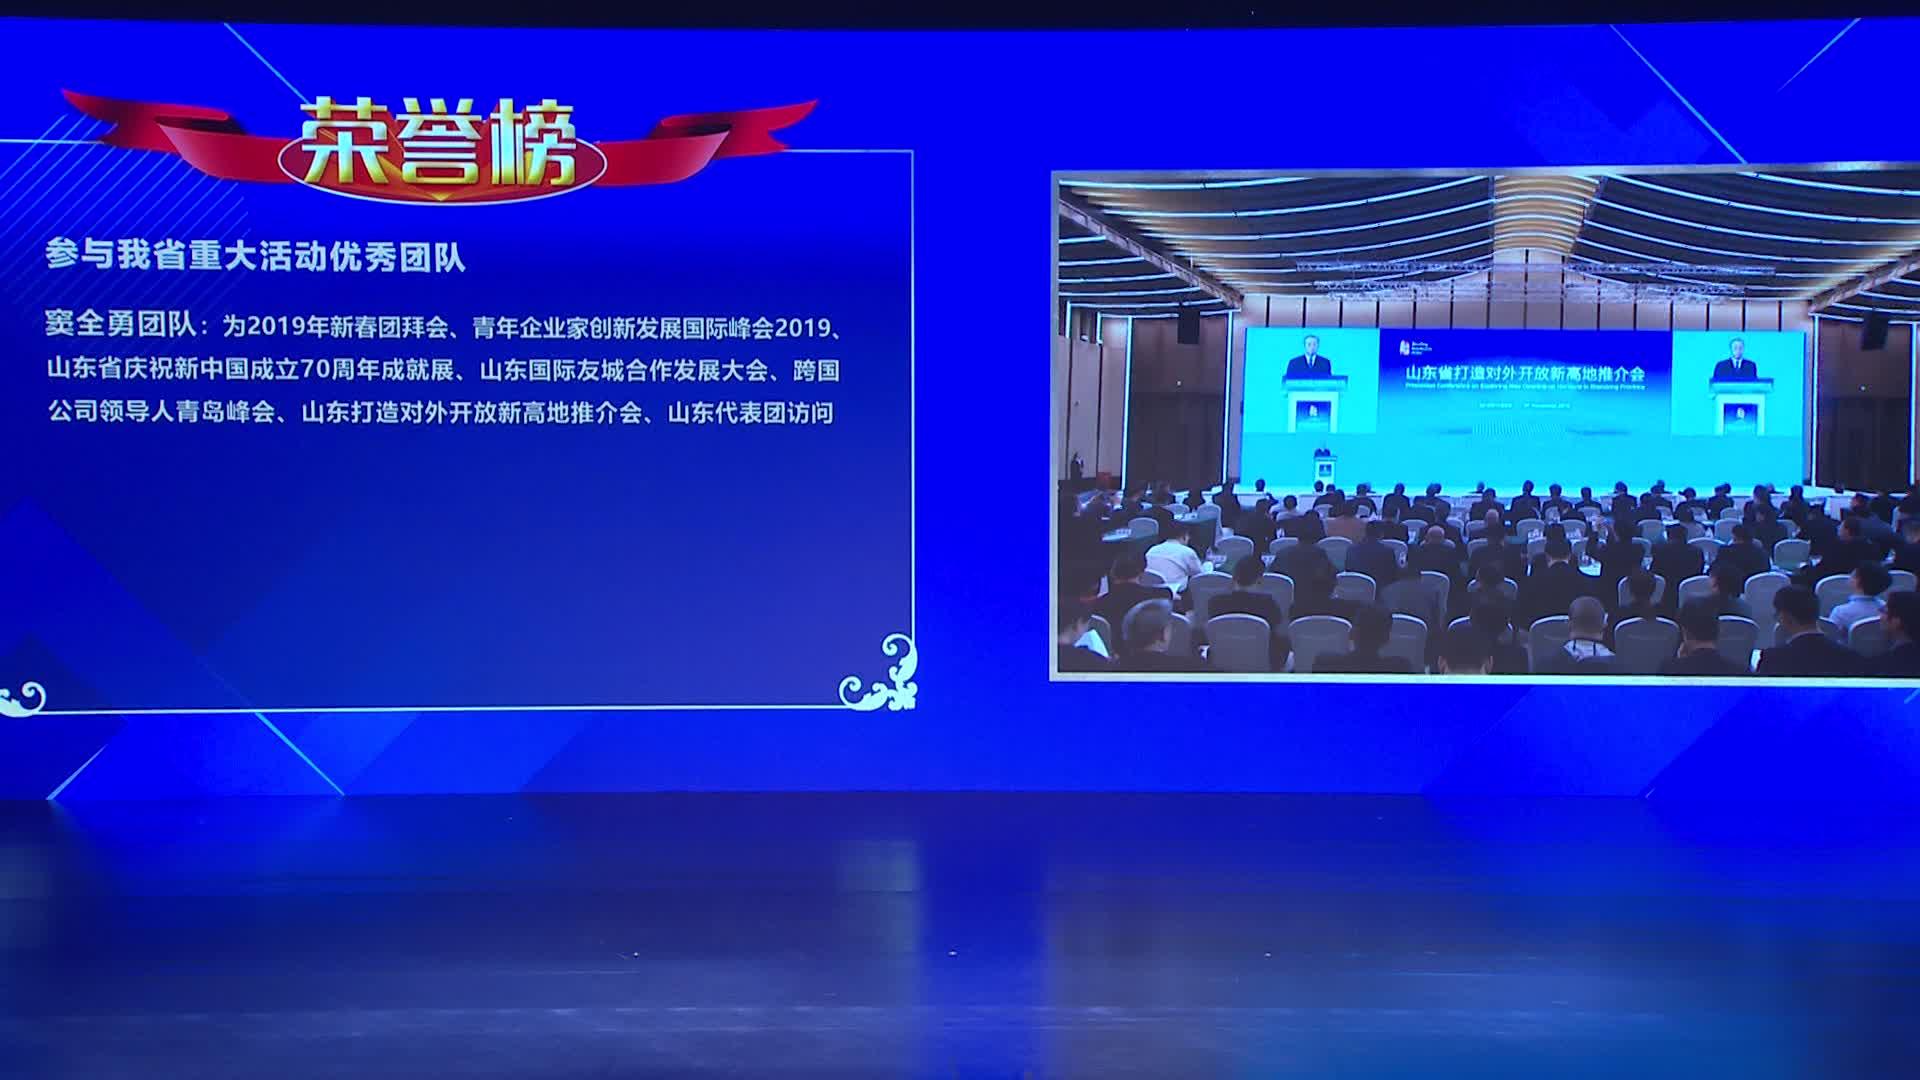 参与山东省重大活动优秀团队